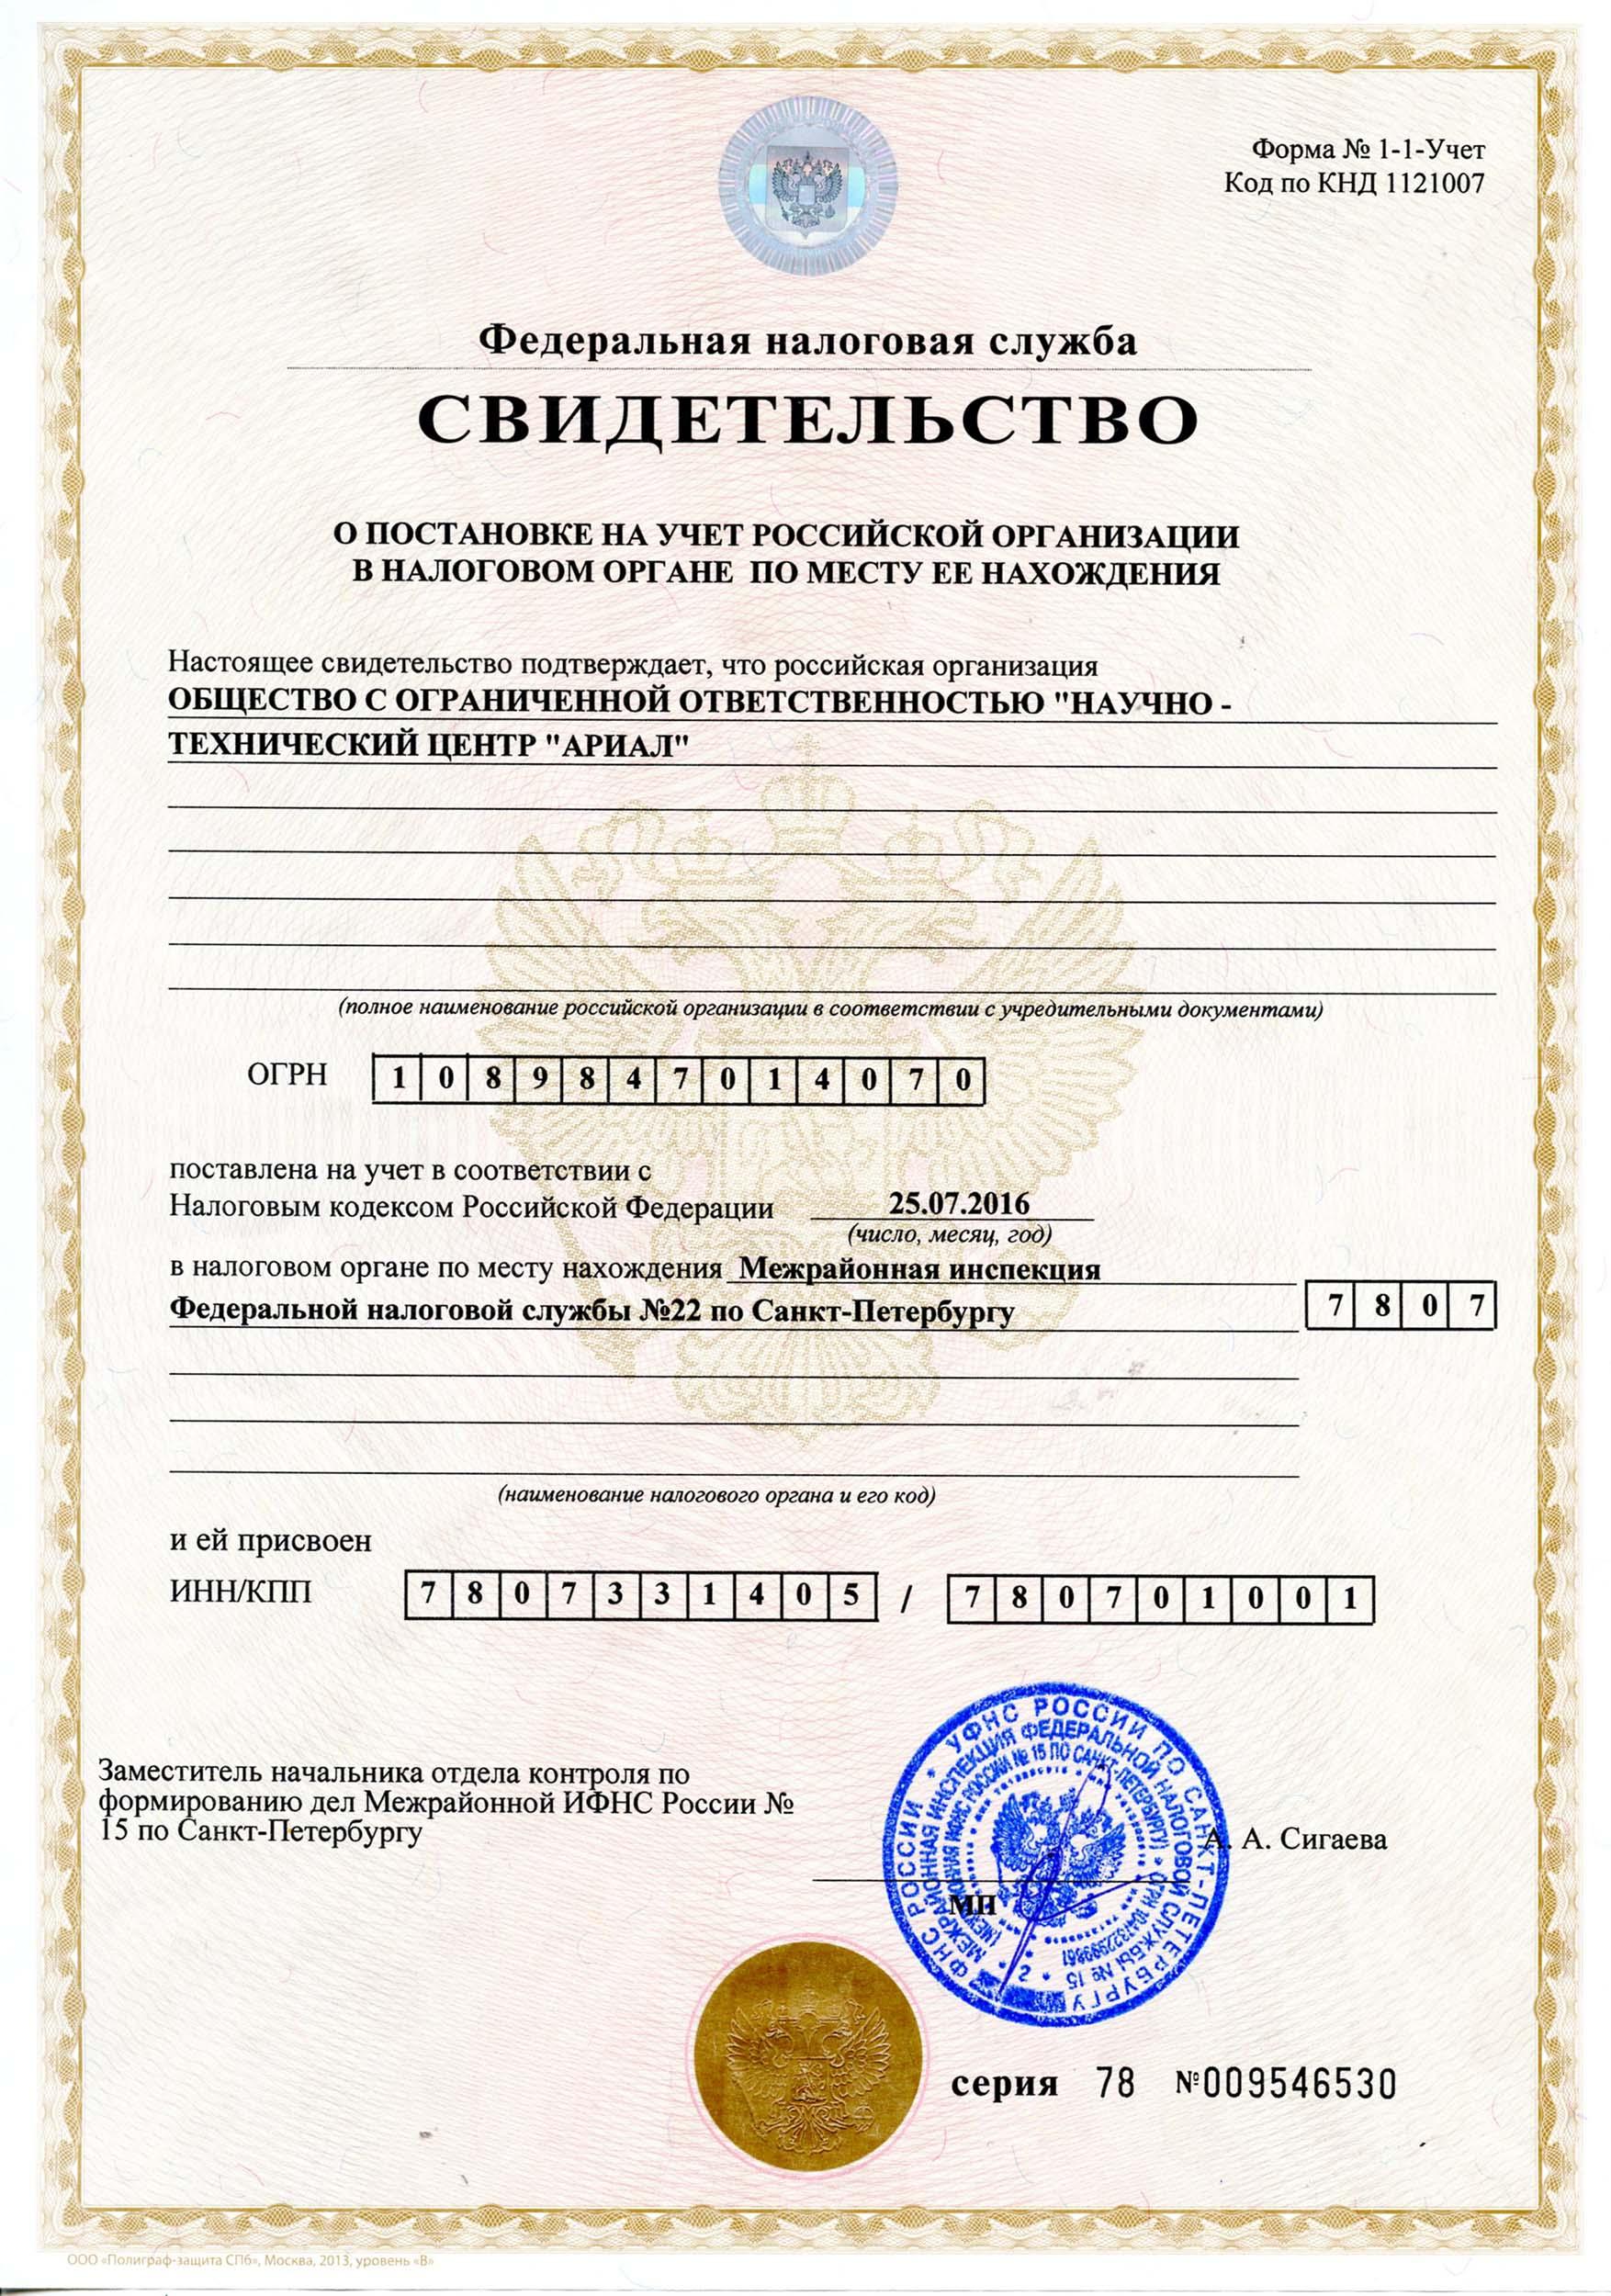 ИНН-ООО НТЦ АРИАЛ1